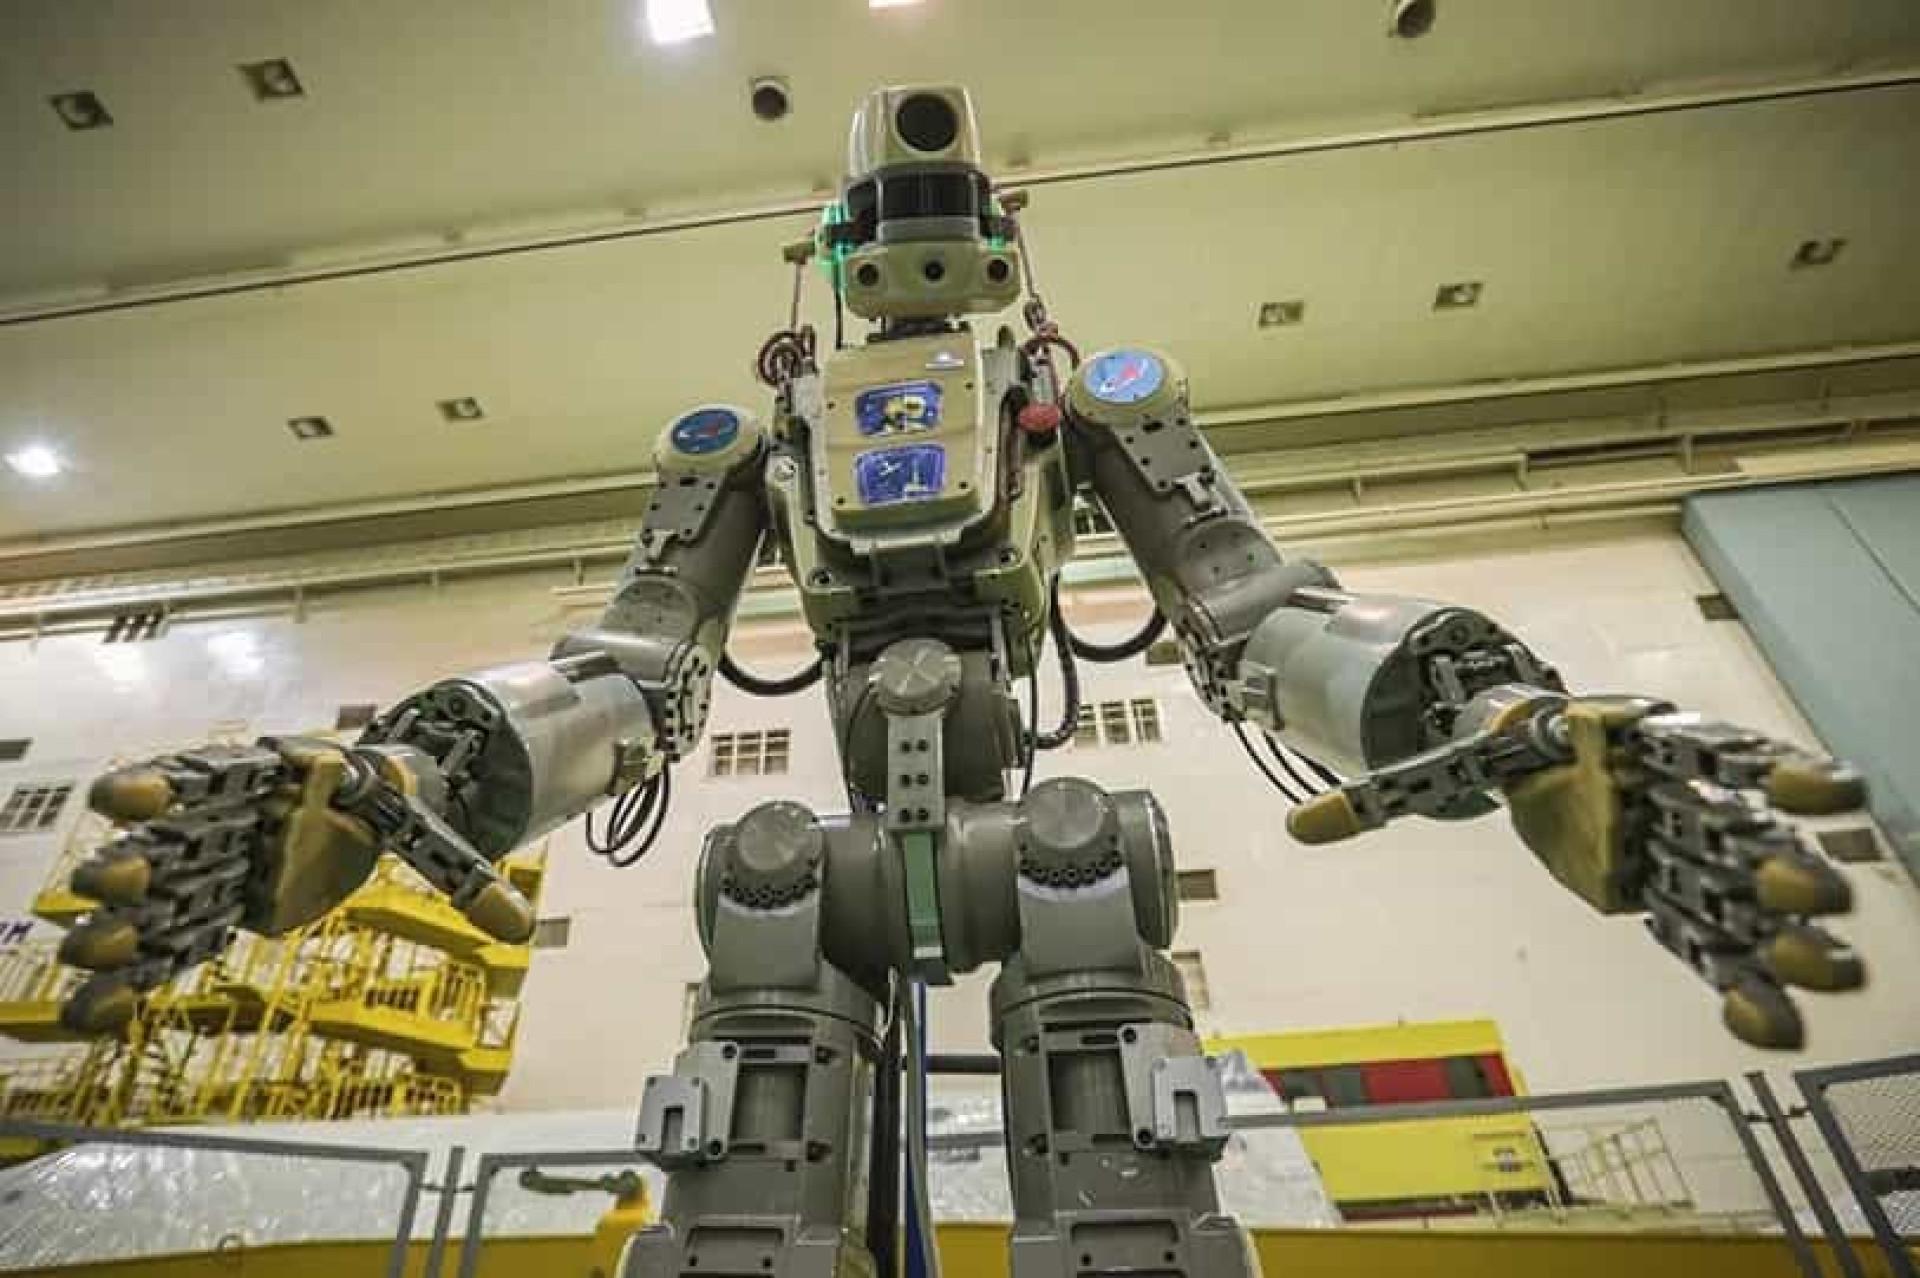 Rússia vai enviar para a Estação Espacial um robot humanoide inteligente